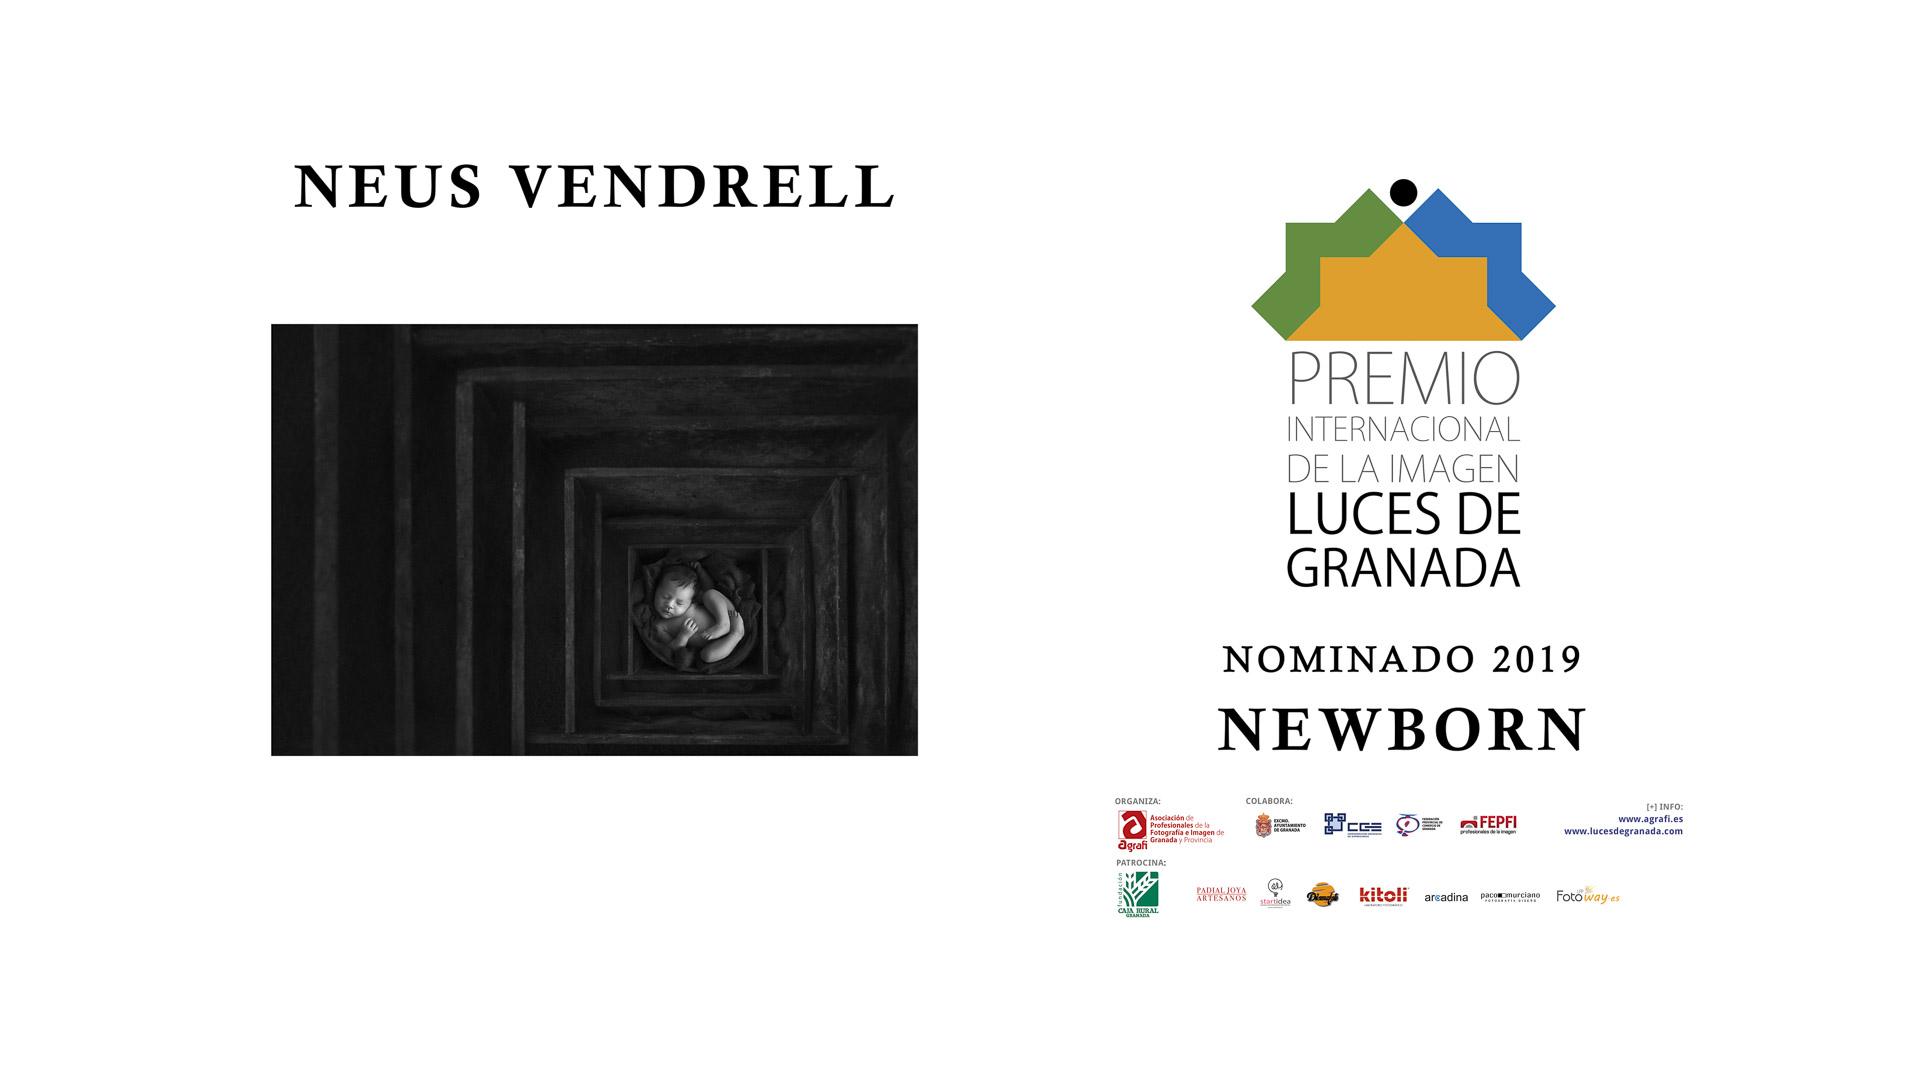 NB15_NEUS VENDRELL